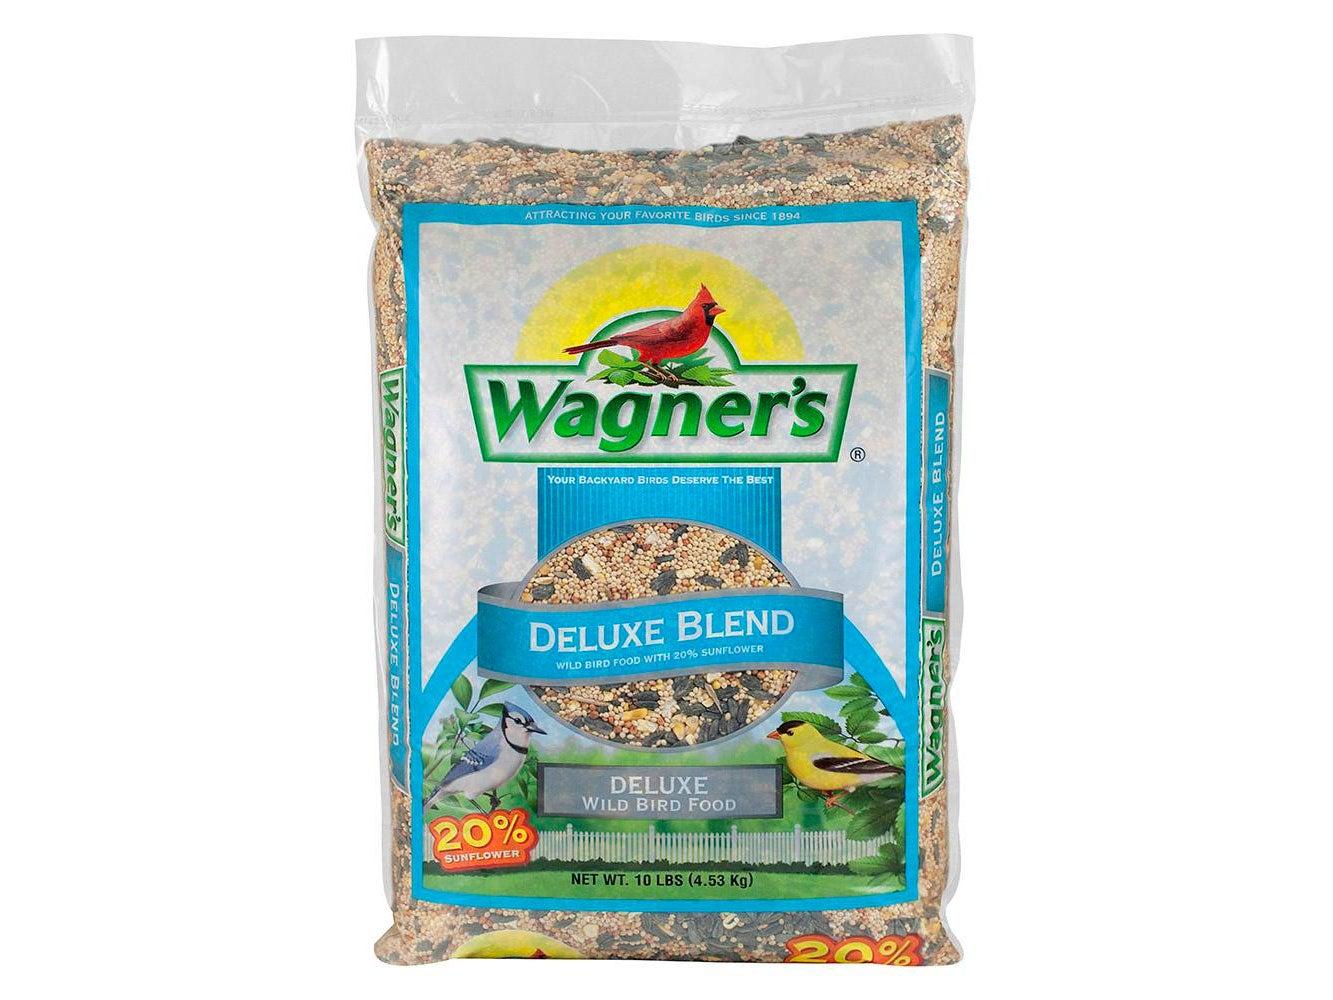 Wagner's deluxe wild-bird food